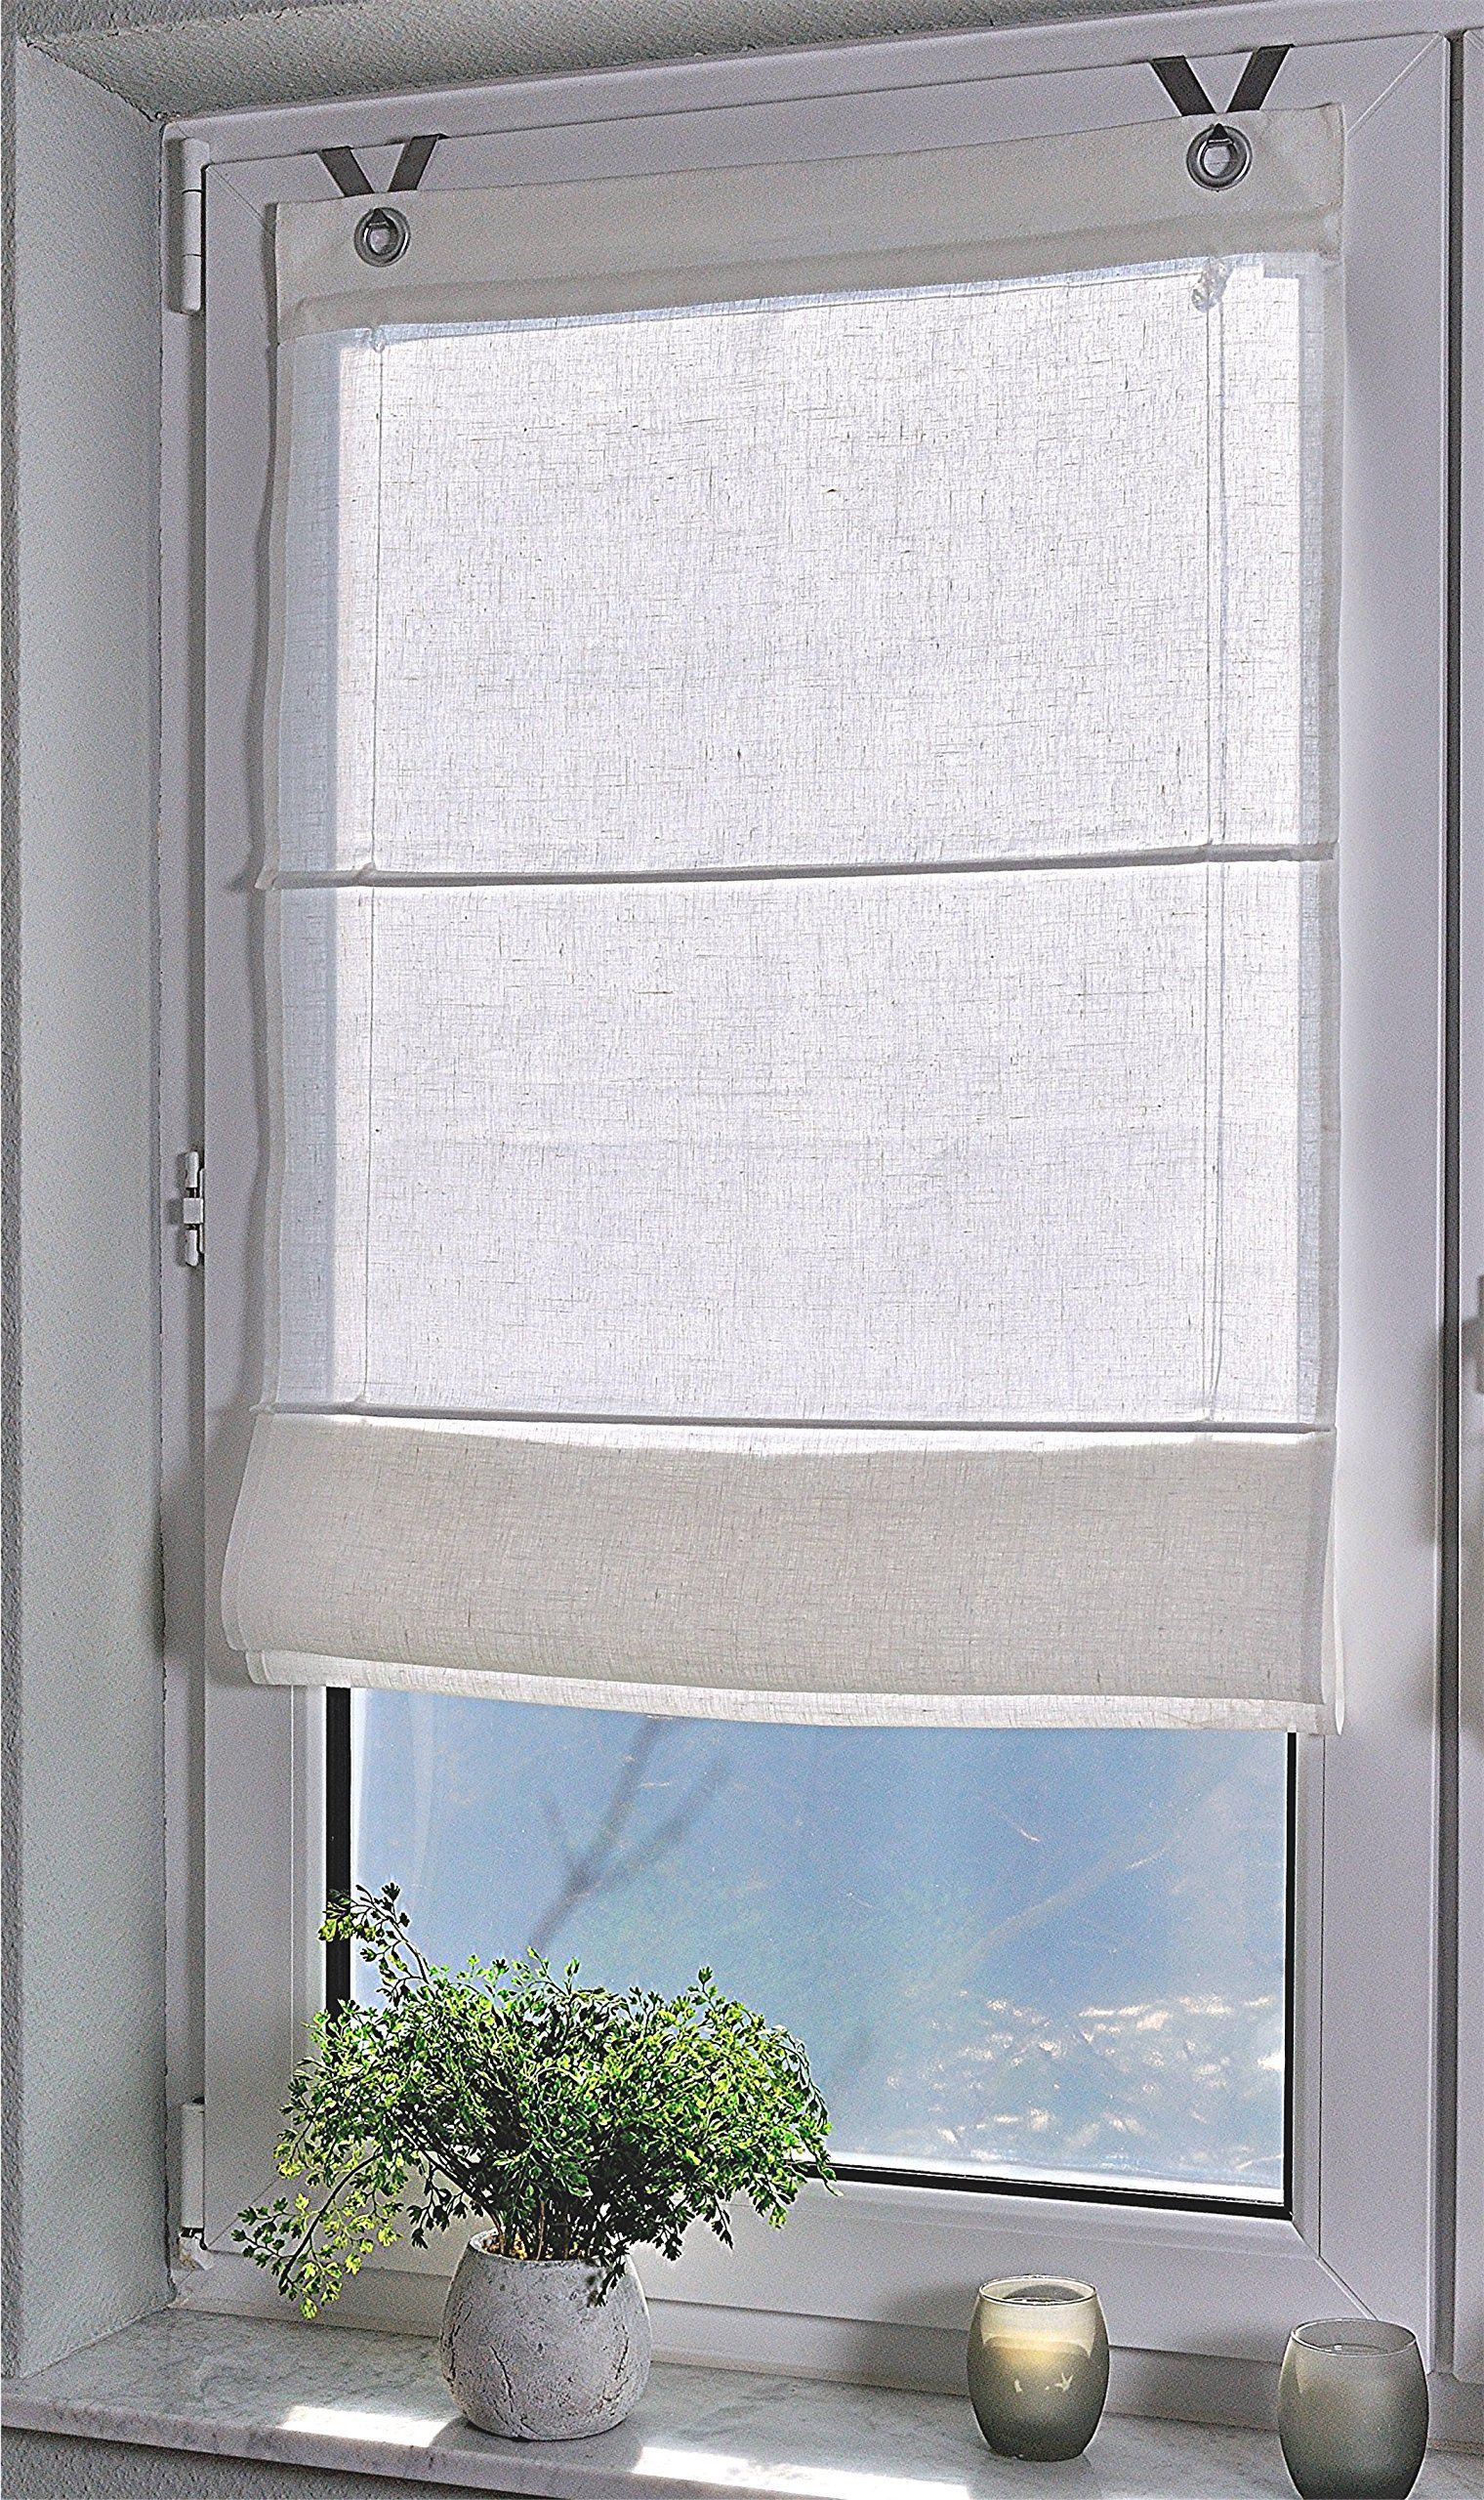 Full Size of Raffrollo Senrollo Metis Weiss 100 Leinen 45 140 Amazonde Küche Küchen Regal Wohnzimmer Küchen Raffrollo